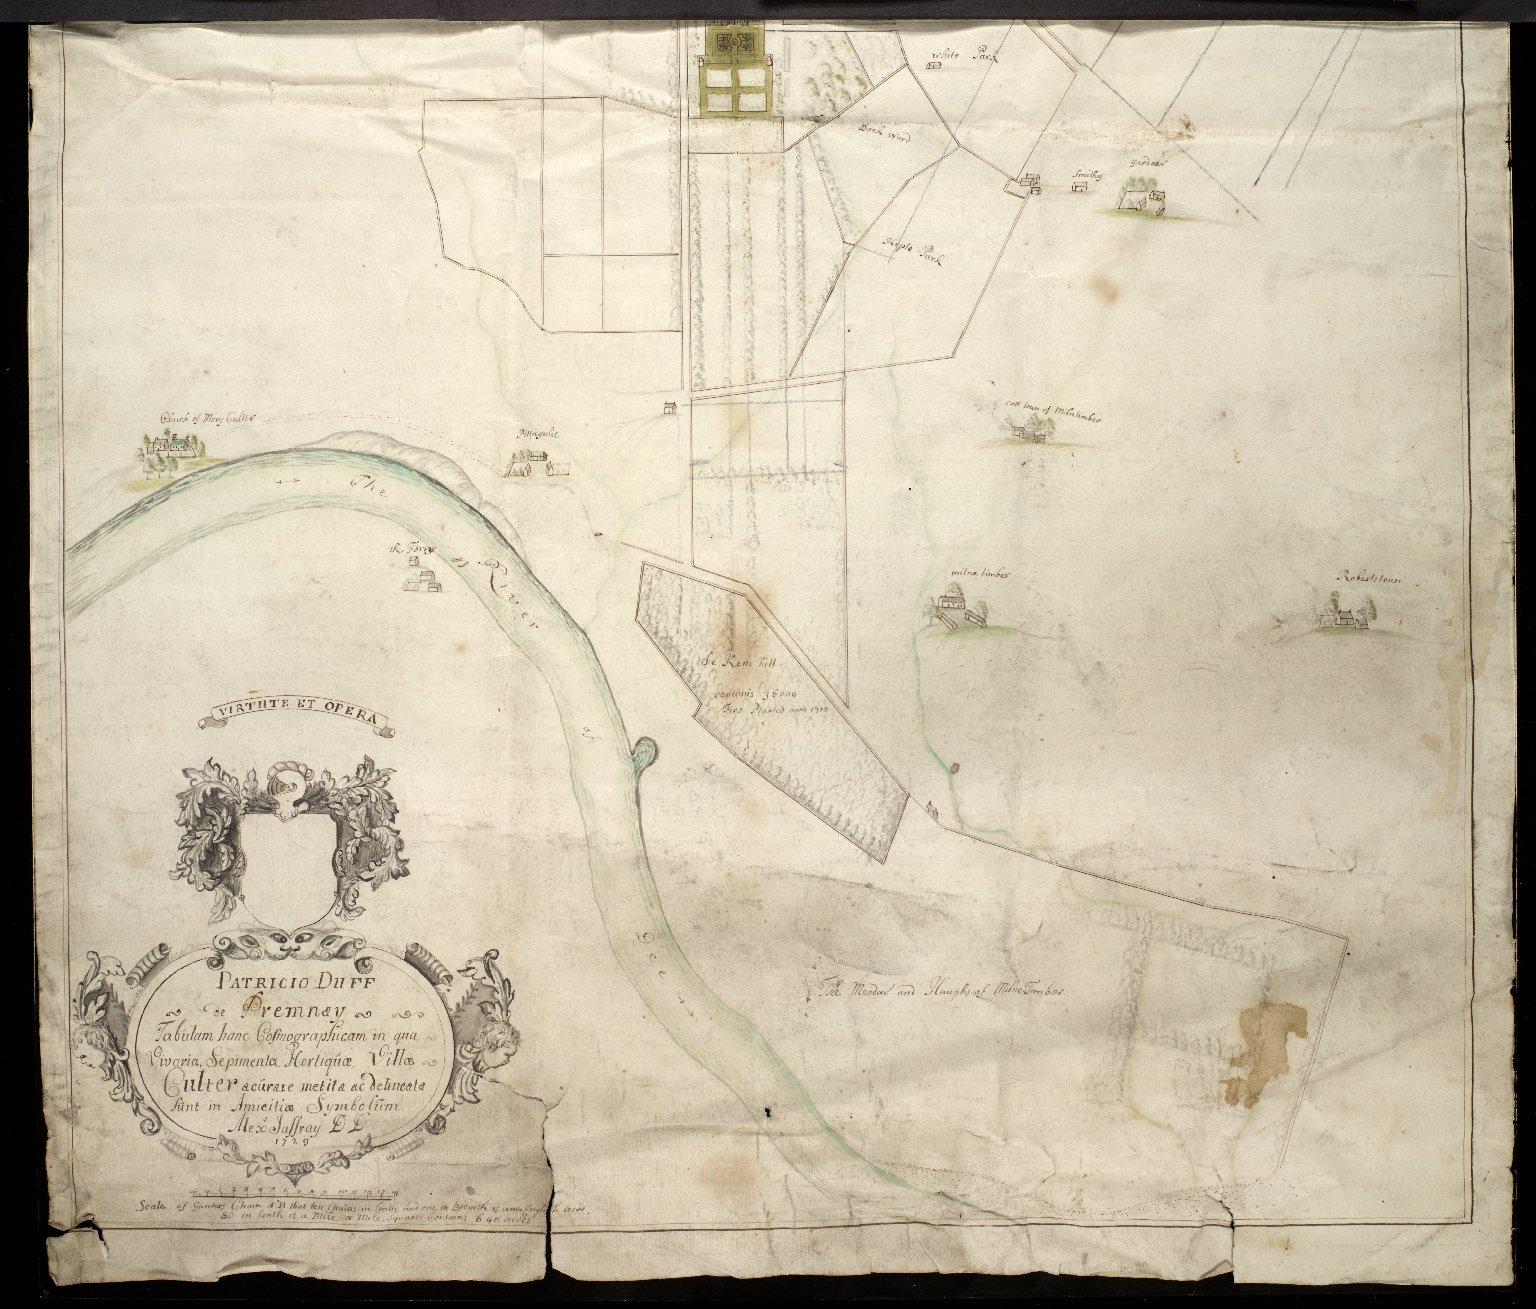 Tabulam hanc Cosmographicam in qua Vivaria, Septimenta, Horliquae, Villae Culter / [2 of 2]